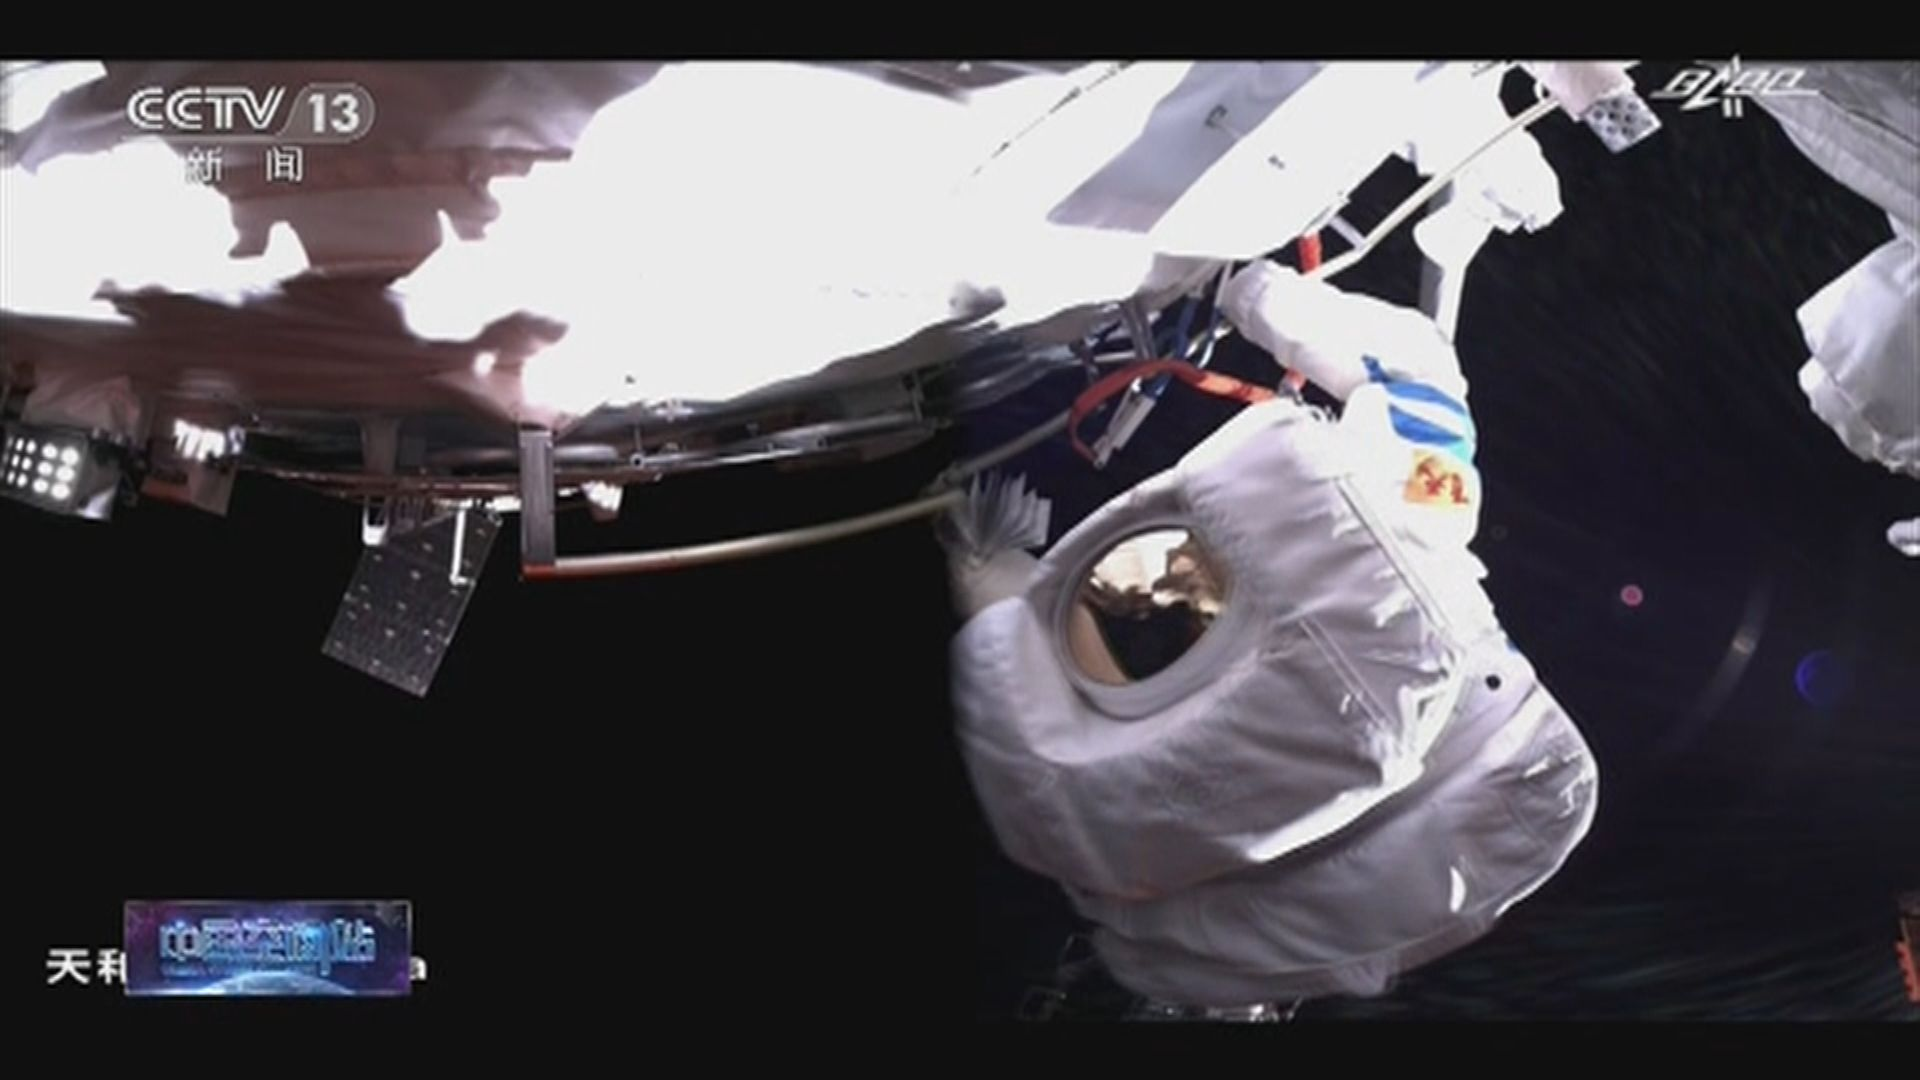 中國天和核心艙太空人在下午大約一時完成艙外任務